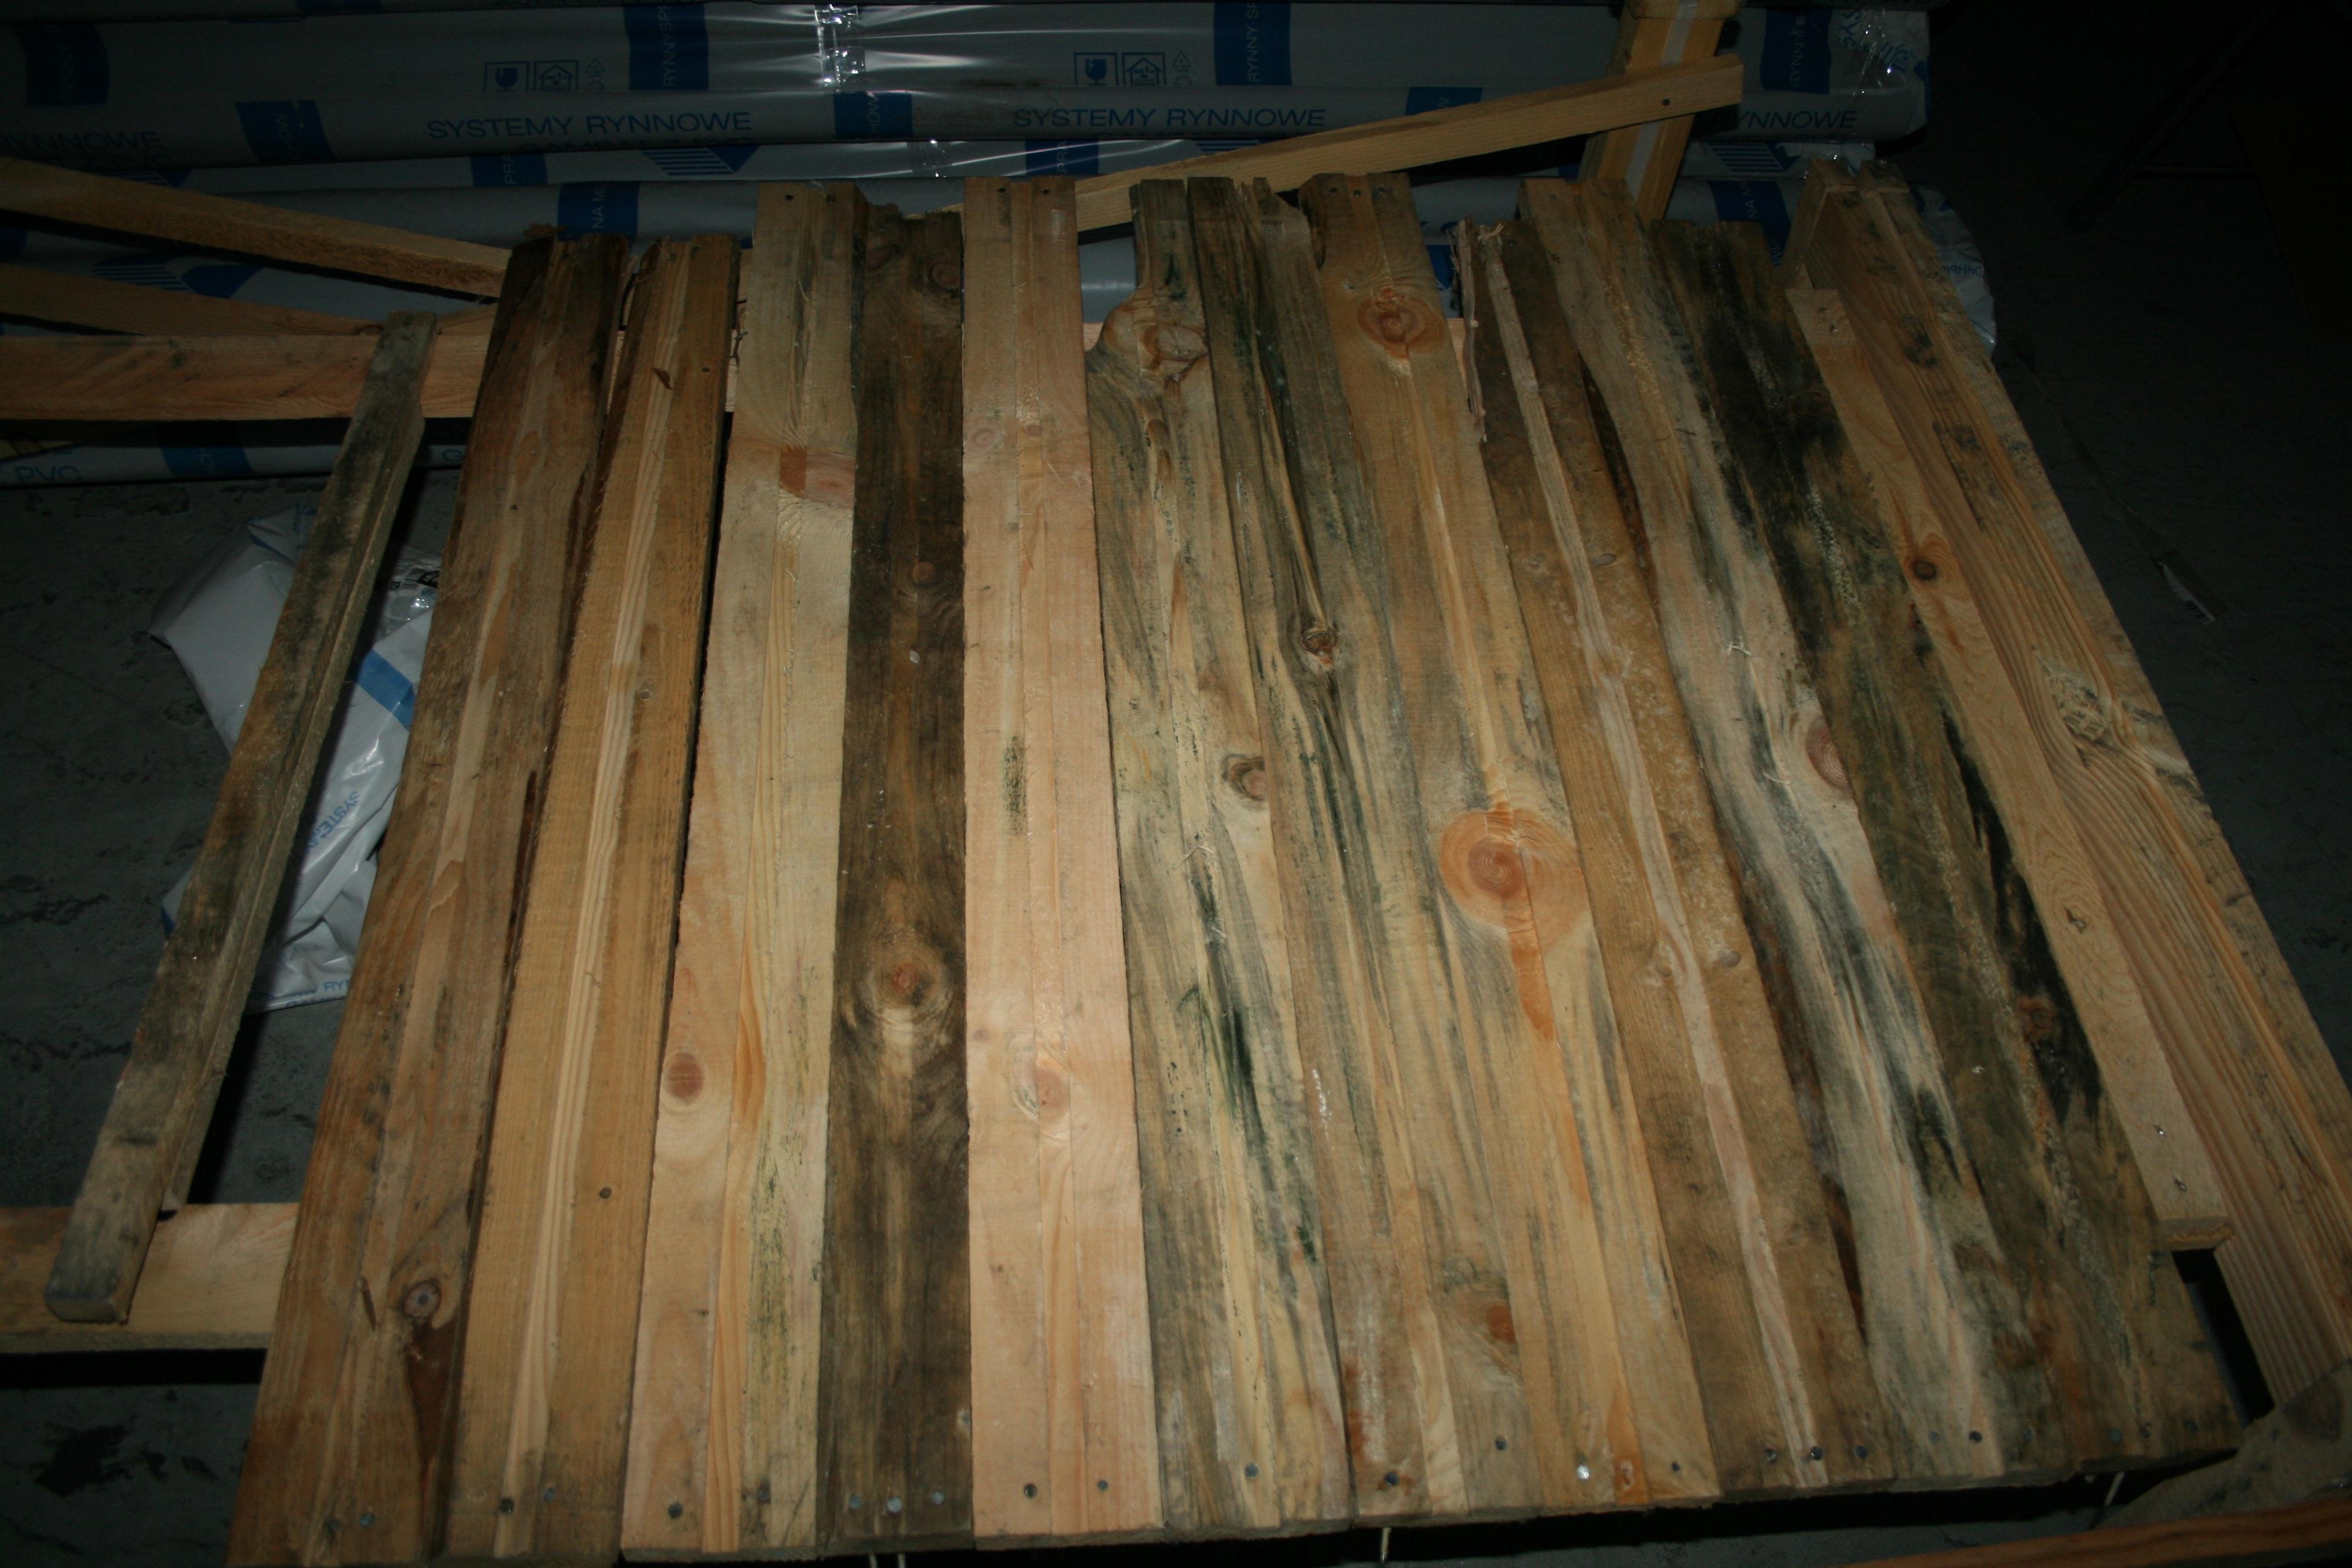 무료 이미지 : 표, 빔, 가구, 방, 재목, 견목, 합판, 나무 바닥 ...